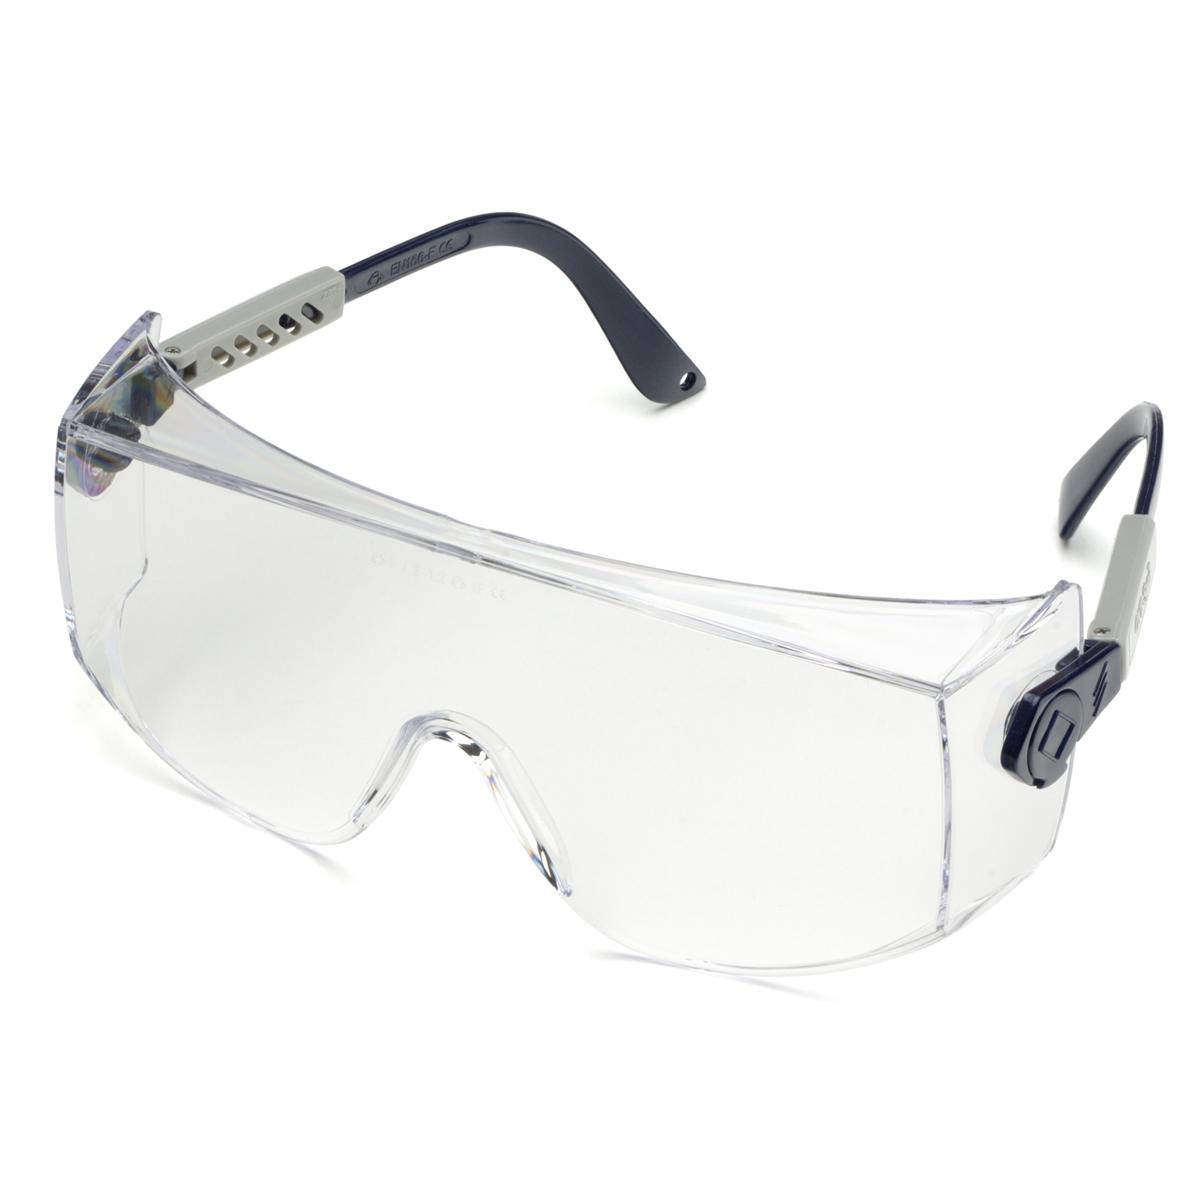 Large Frame Prescription Safety Glasses : Elvex SG-27C OVR-Spec I Safety Glasses - Large OTG Frame ...